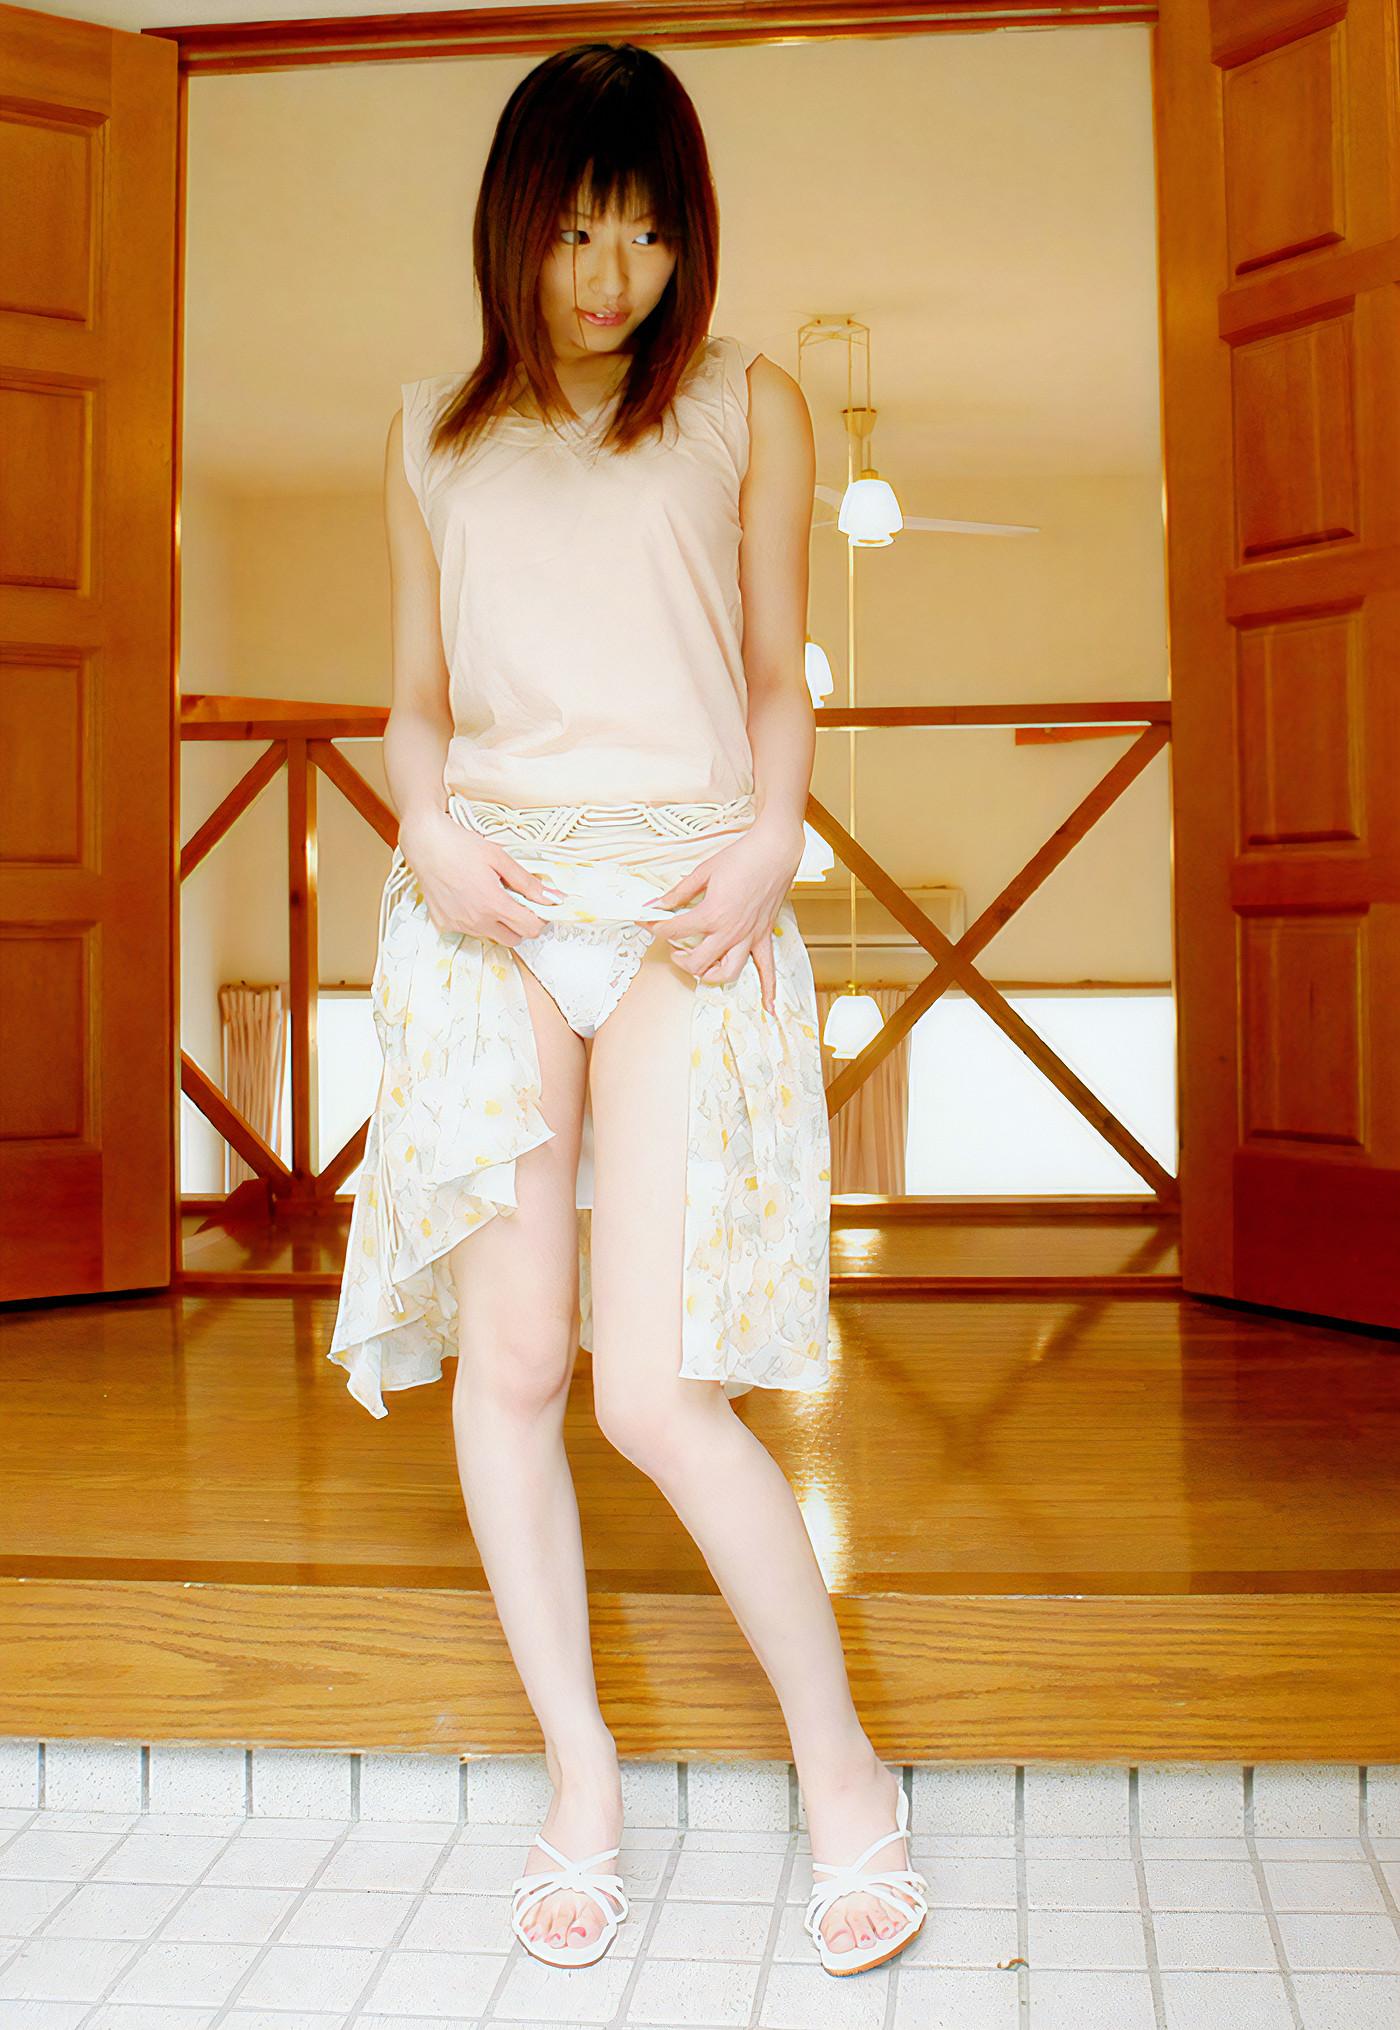 お姉さんのスカートたくし上げパンチラ